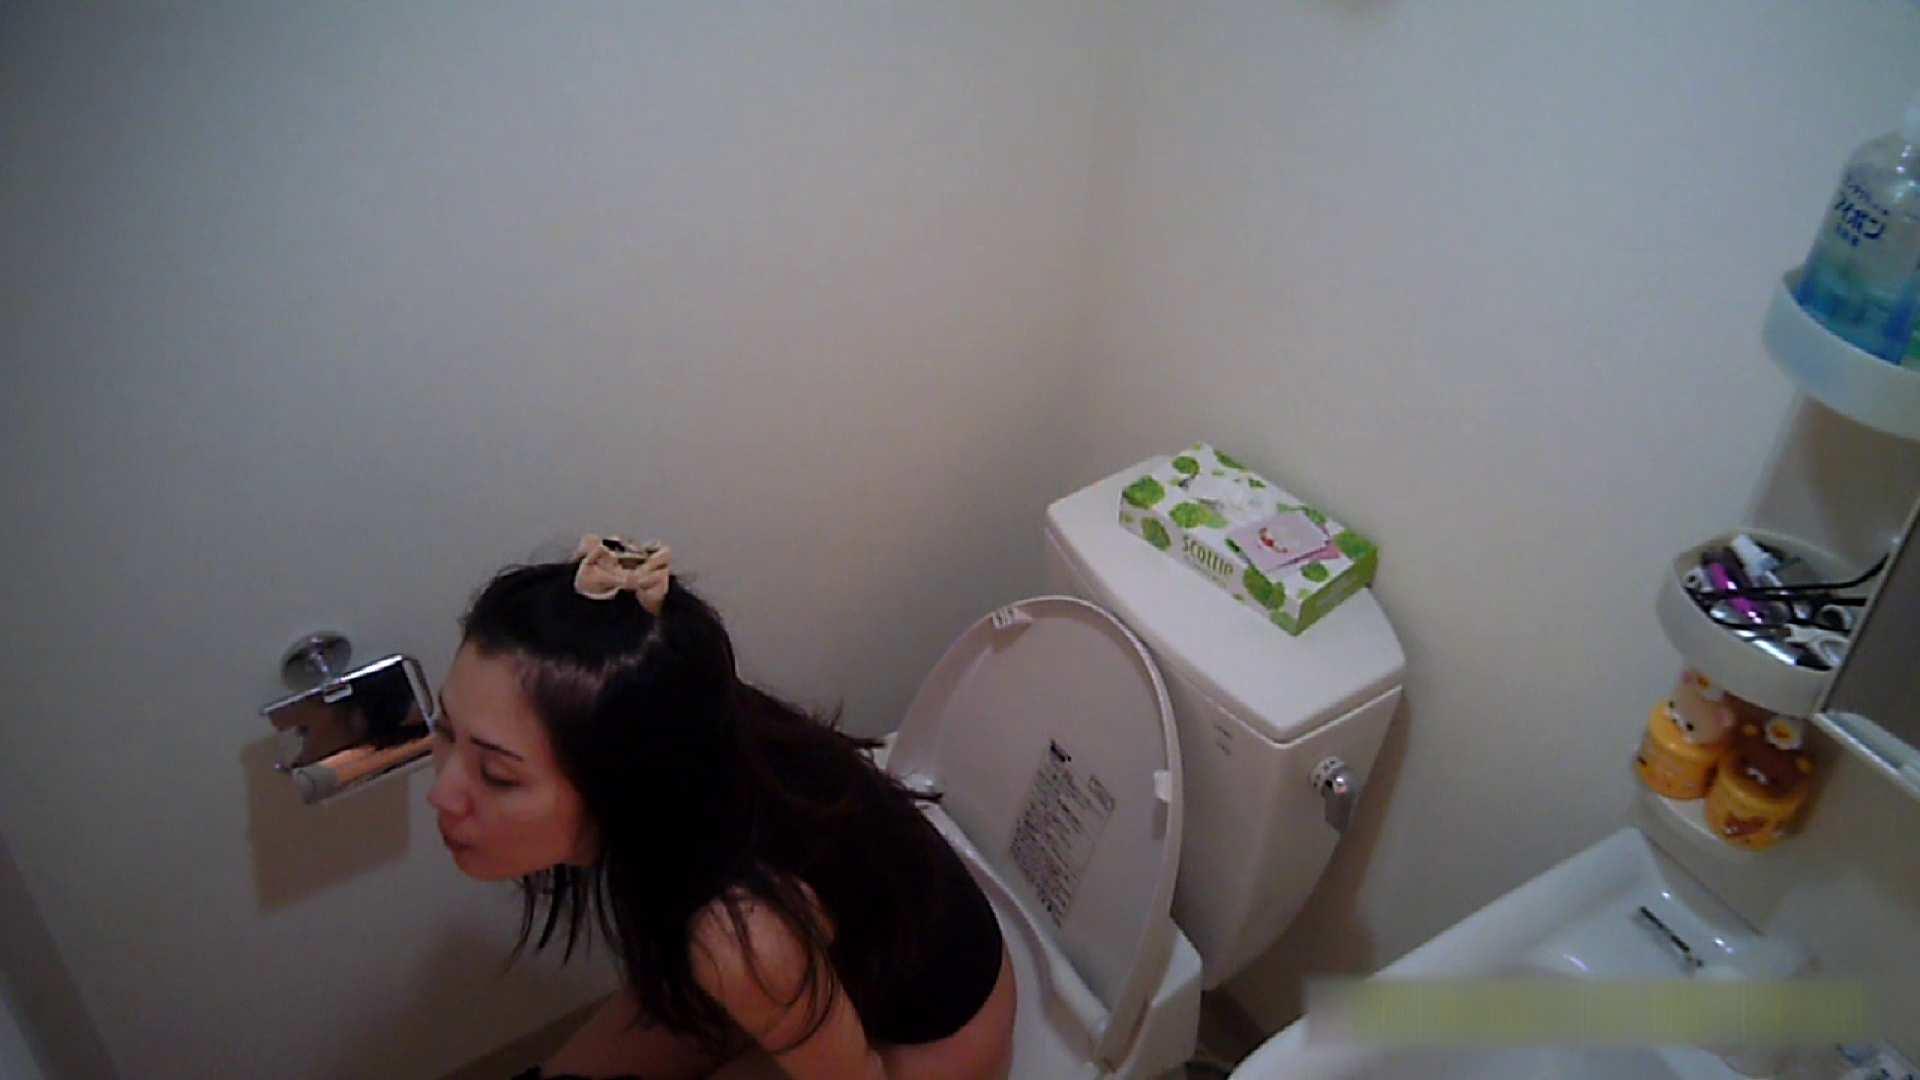 清楚な顔してかなり敏感なE子25歳(仮名)Vol.05 裸でトイレ編 トイレ盗撮 オメコ無修正動画無料 90枚 55